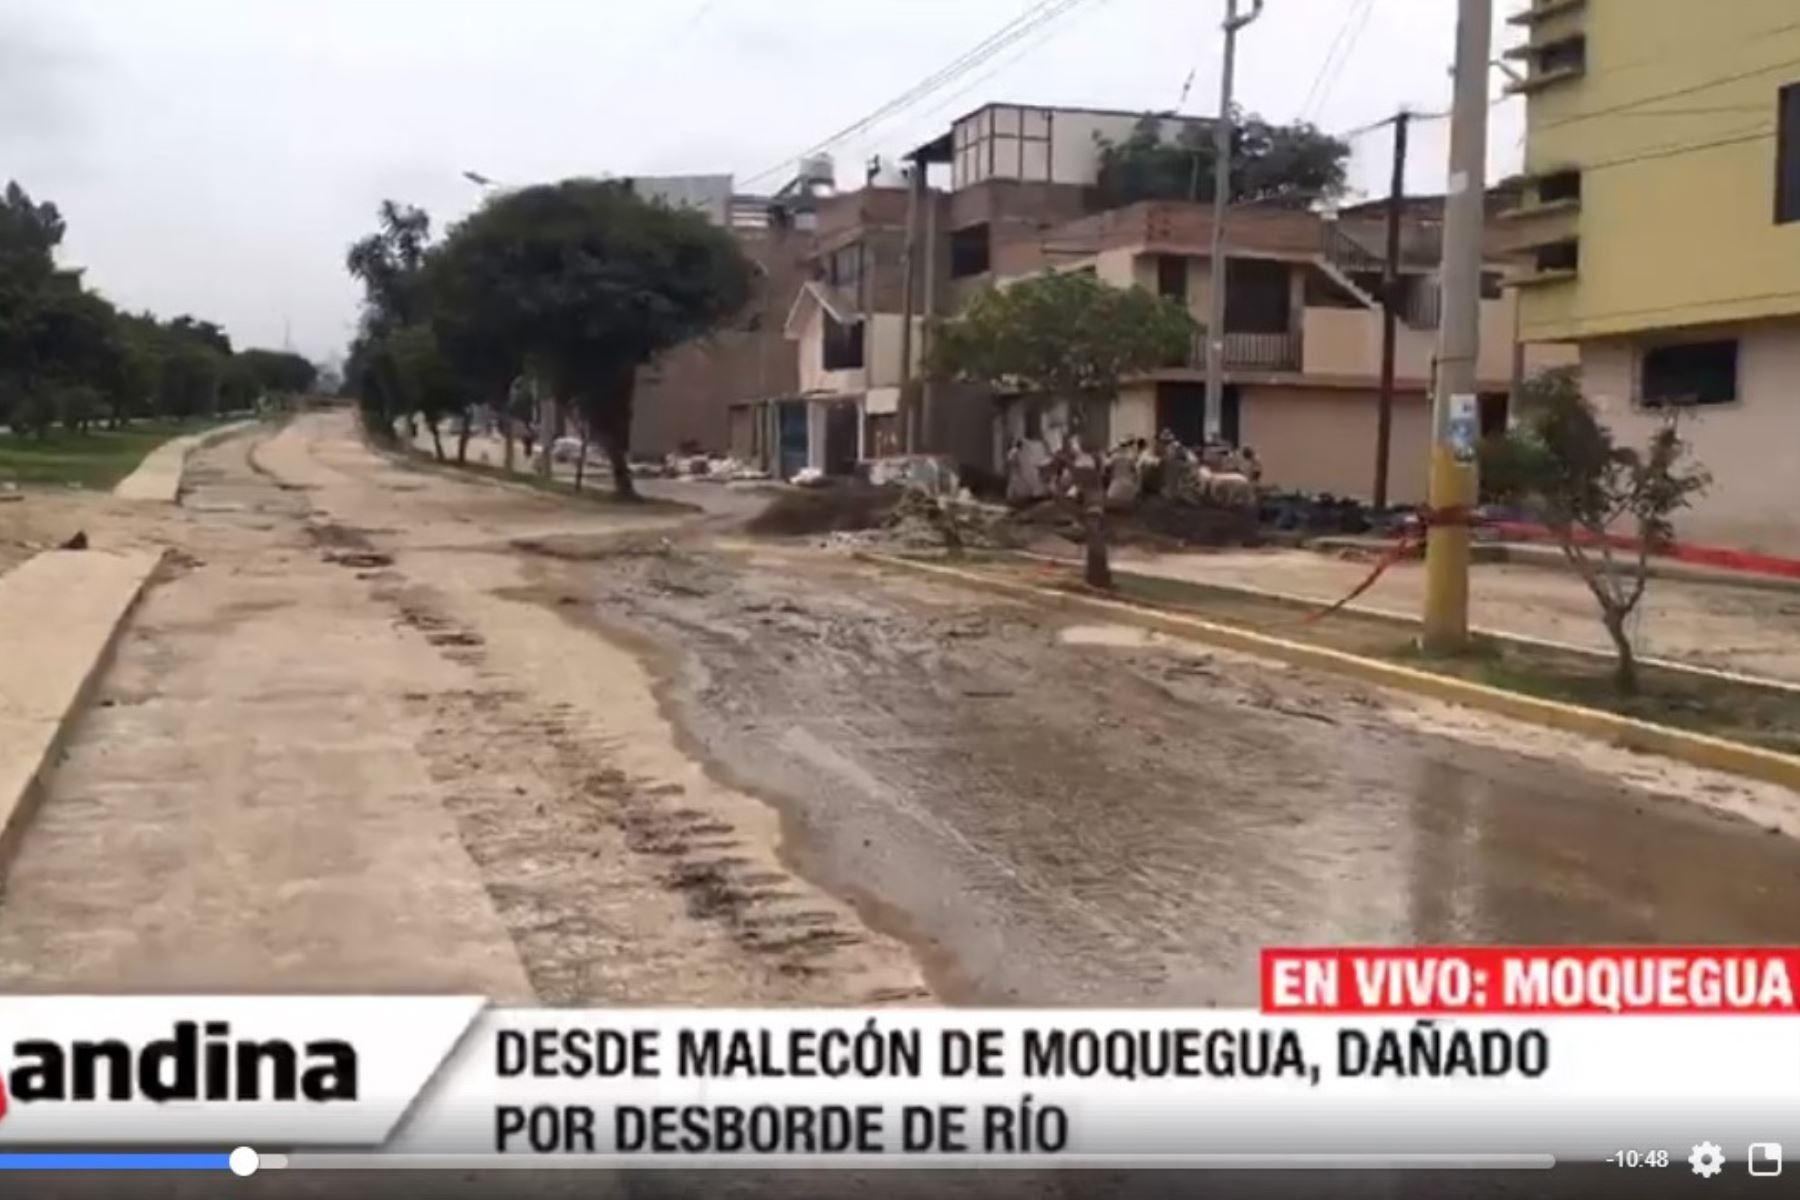 Furia del río Moquegua arrasó con viviendas, calles y parques de la ciudad.